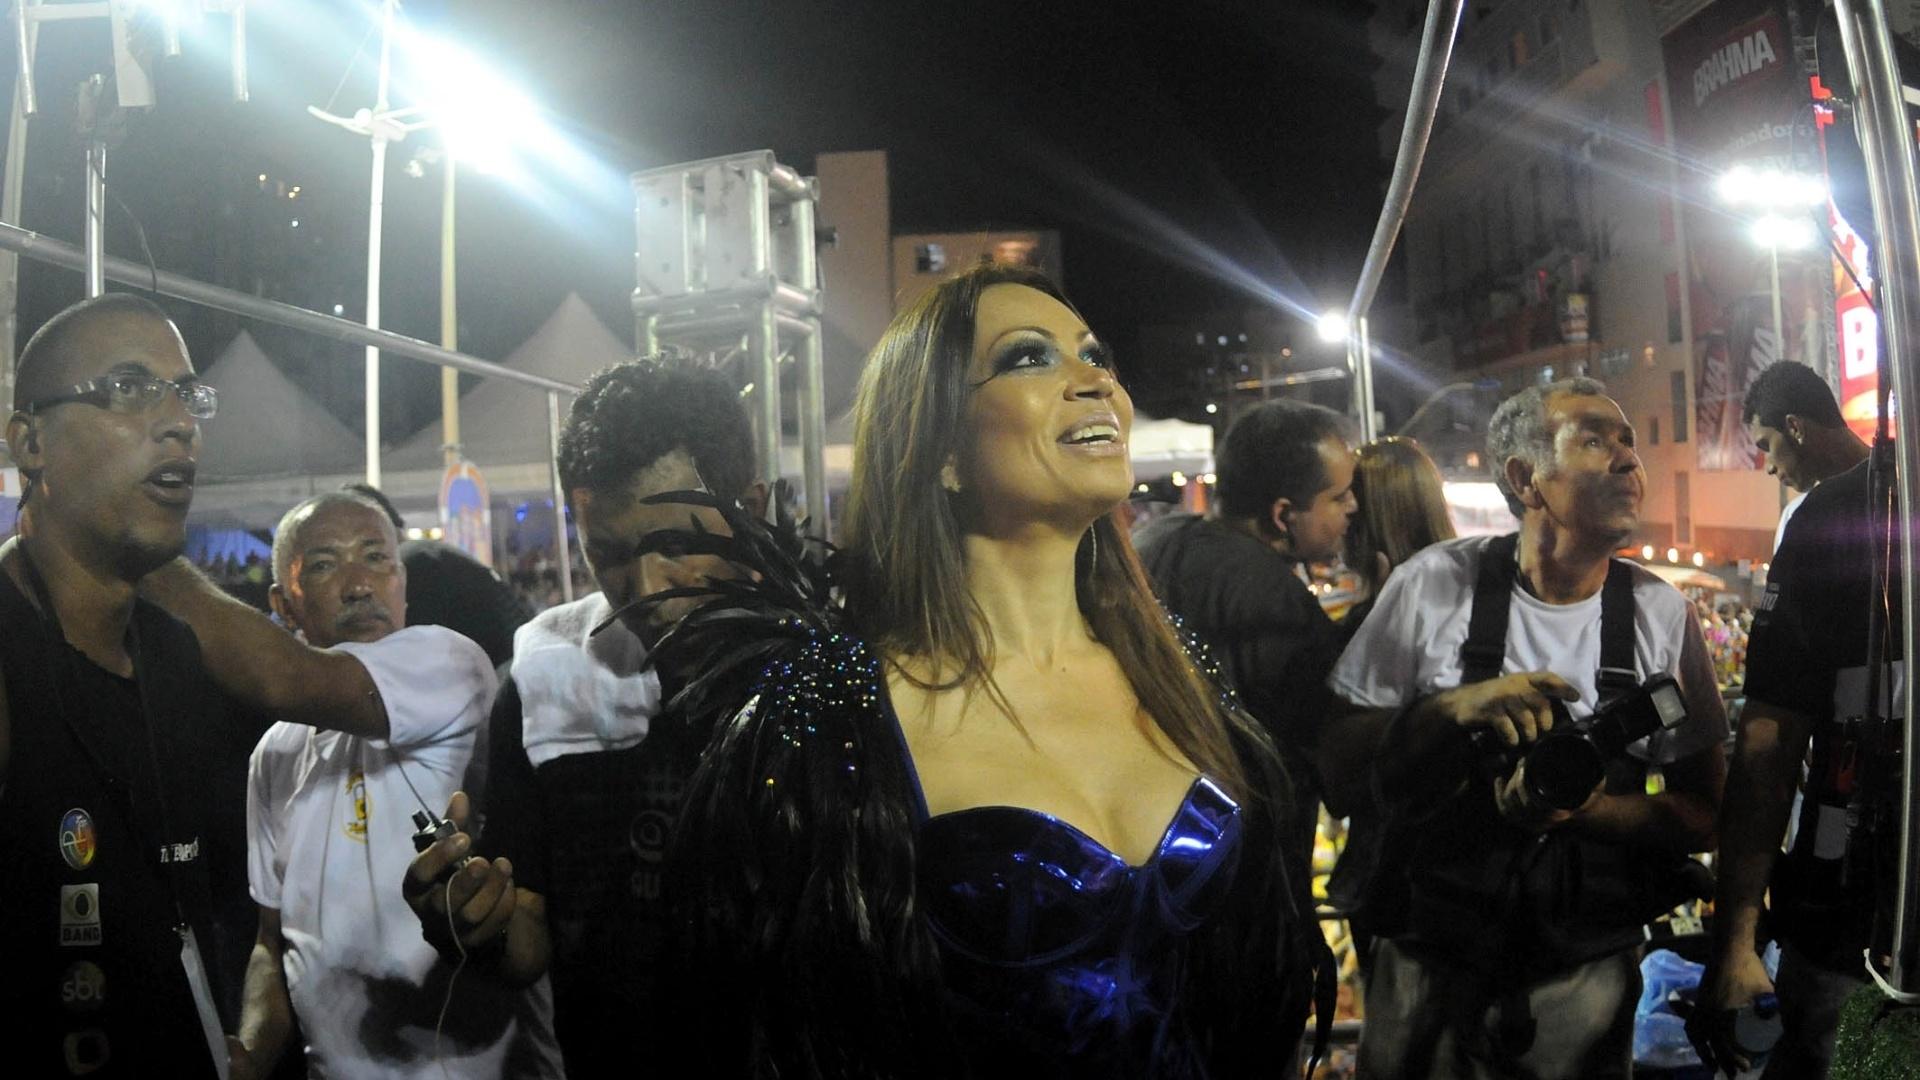 Banda Aviões do Forró se apresenta no trio Fissura/Aviões Elétricos, no circuito Barra-Ondina (Dodô), em Salvador (17/2/12)